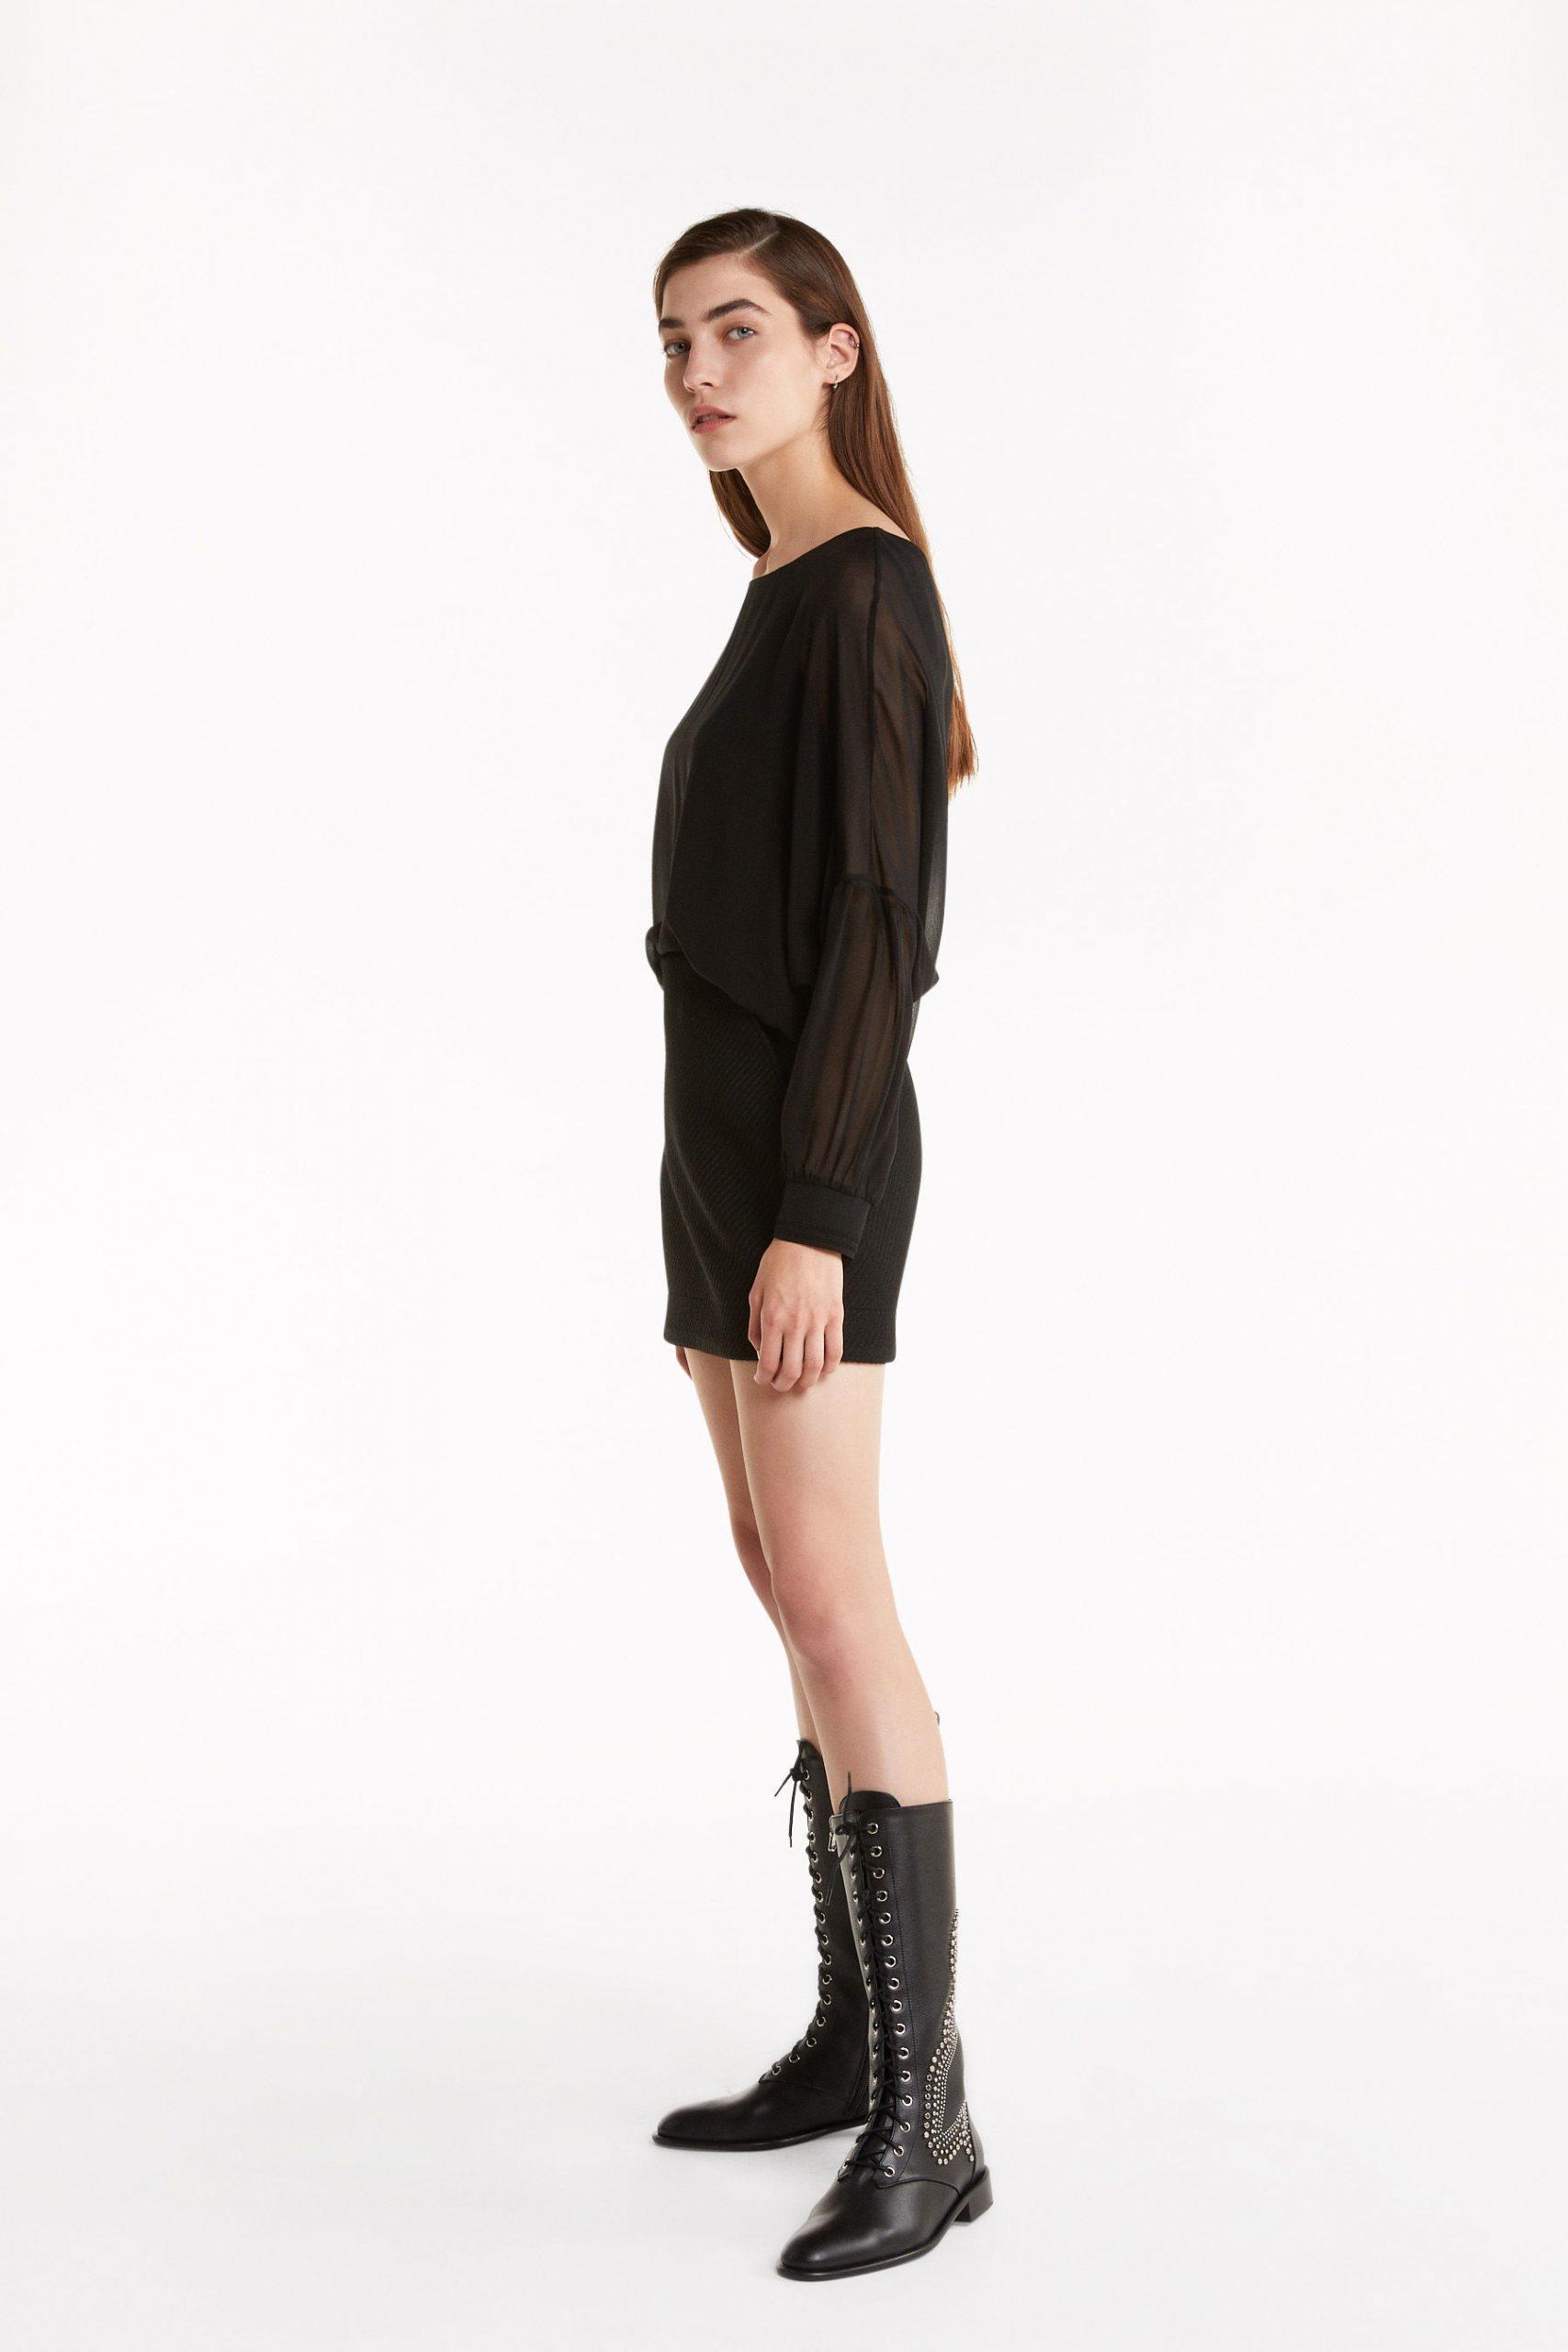 Abbigliamento Patrizia Pepe  Blusa in georgette  effetto doppio capo Black female collezione 2020 shop the look